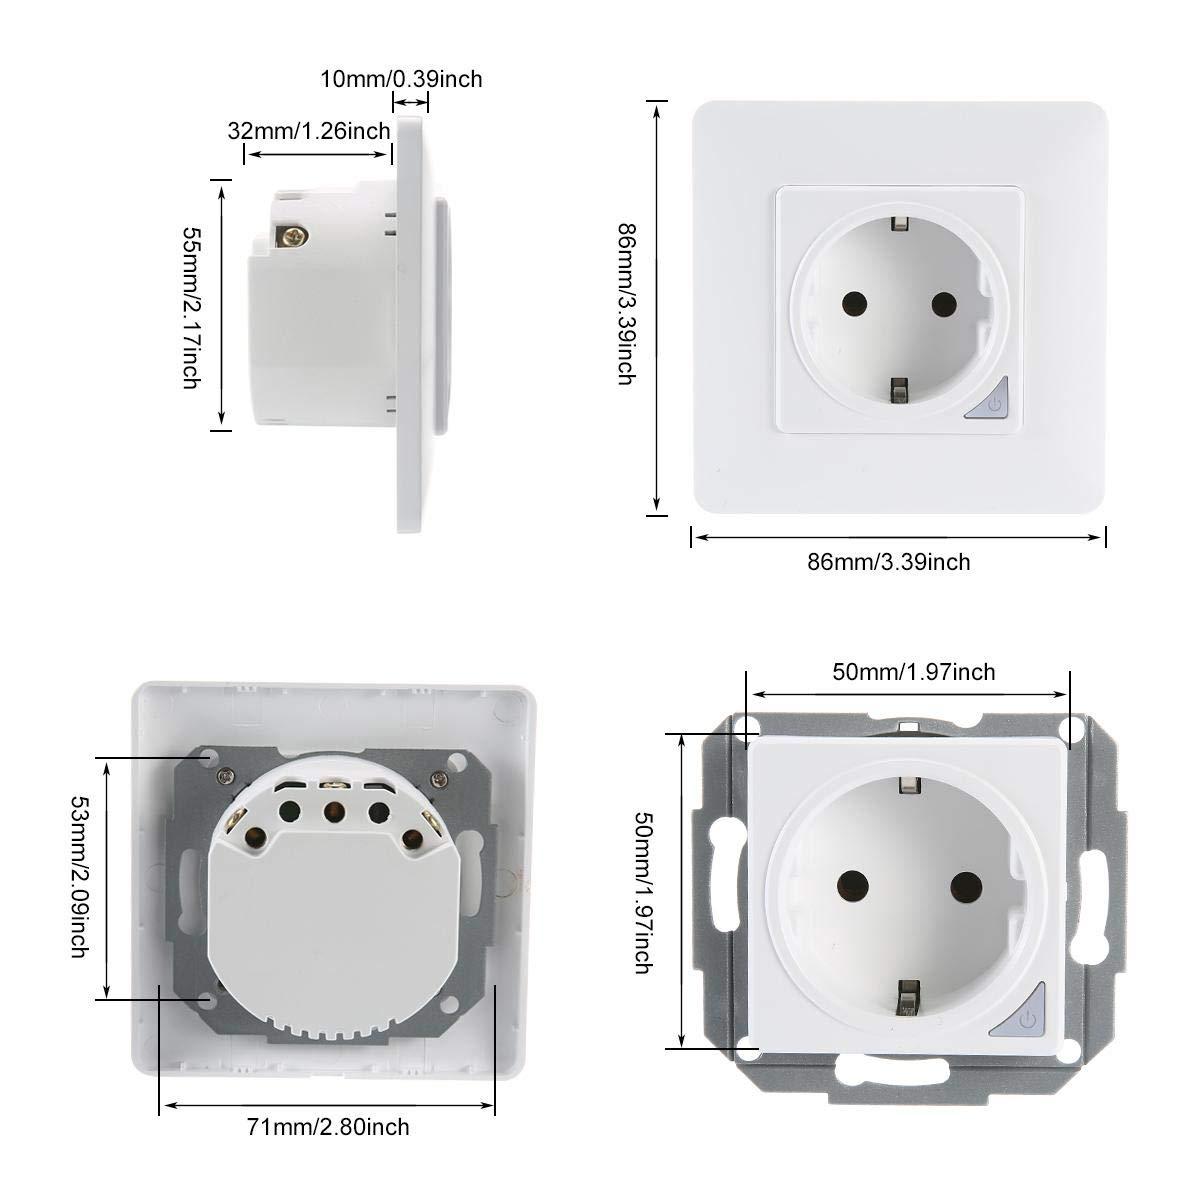 Prise De Courant Compatible Avec Alexa Echo et Google Home TEEKAR Double Prise Electrique Murale Intelligente Connect/ée WiFi Cadre Magn/étique Neutre Requis Fonction De Minuteur Contr/ôle /à Distance